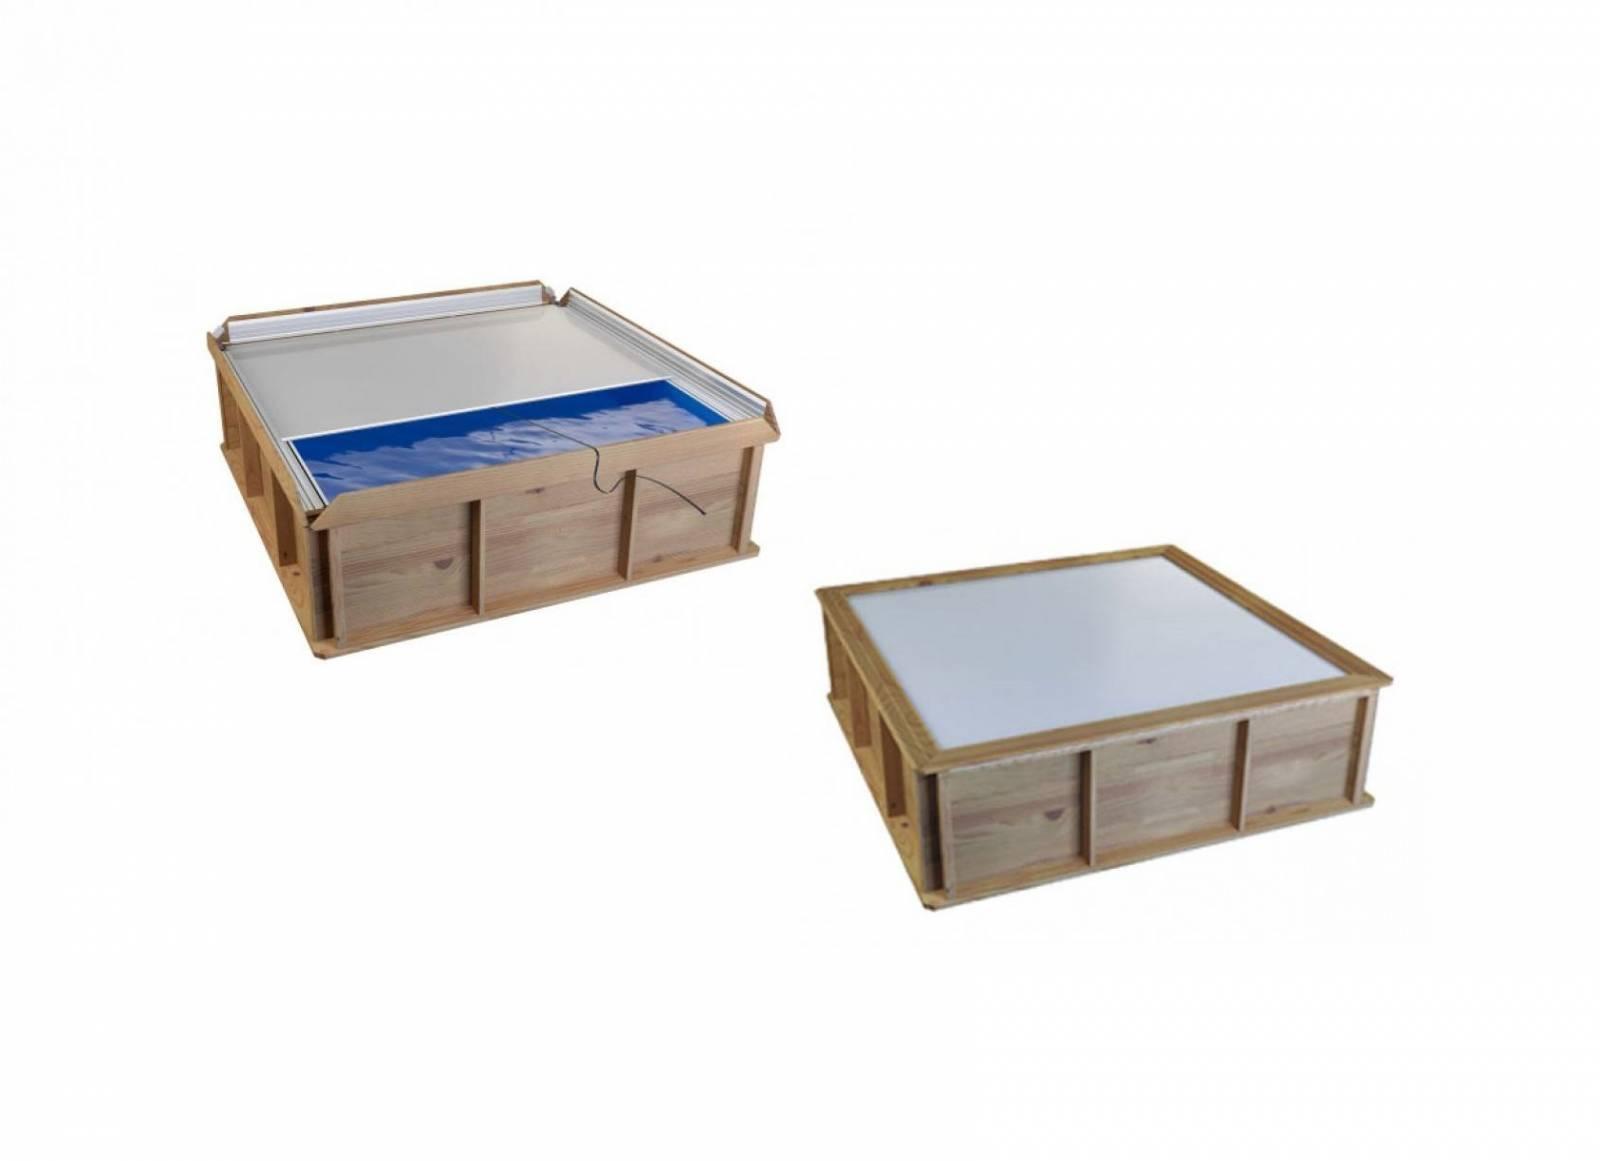 Piscine Hors Sol Bois Petite Dimension petite piscine hors sol bois carrée 2x2 pour enfants piscine